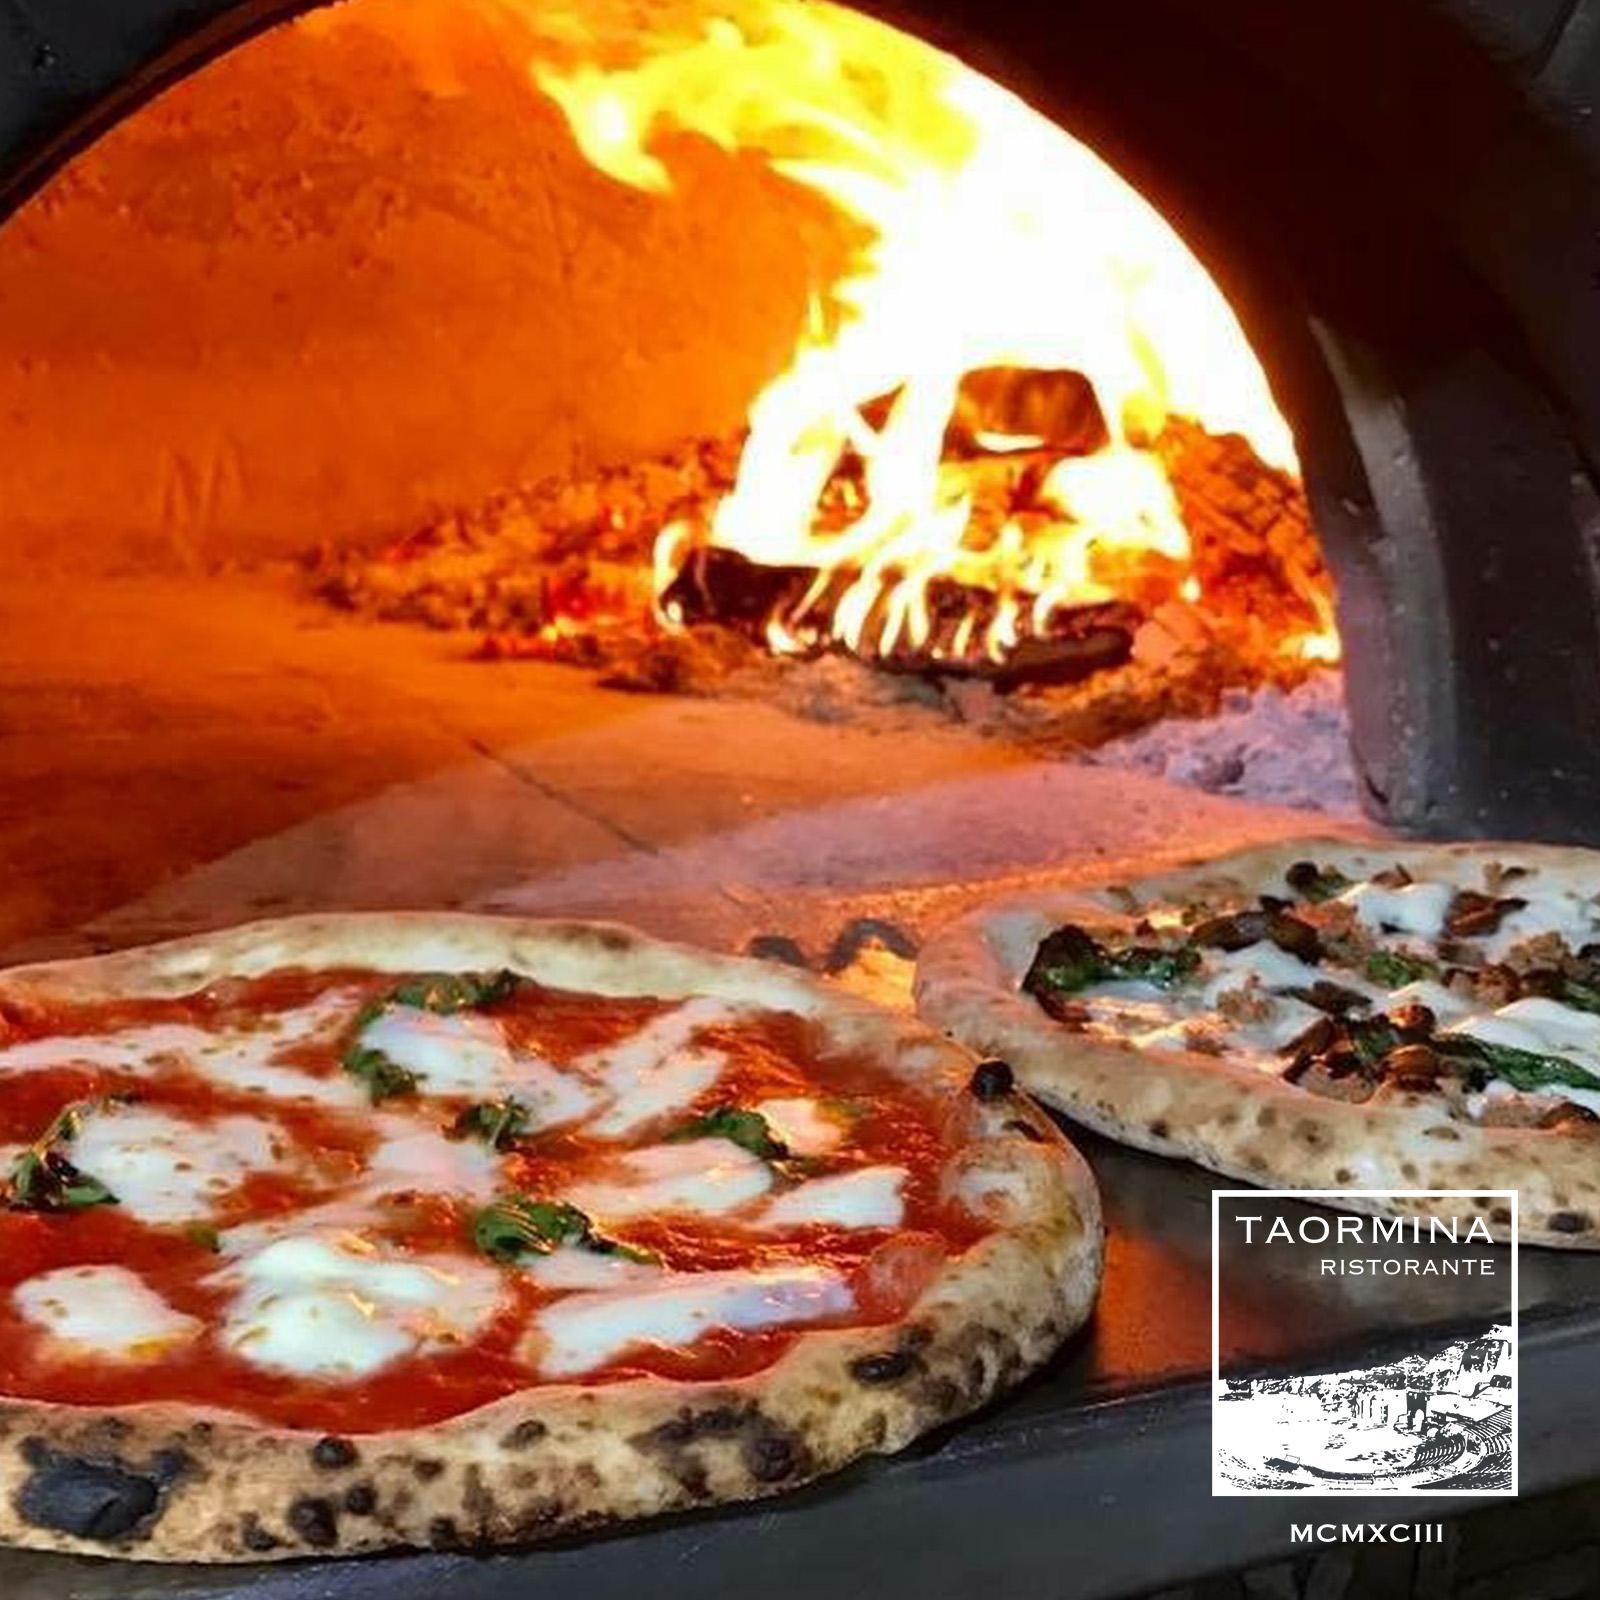 Pizza  available to rent / verhuur / location at 50.8 Studio • Belgïe, Belgique, Belgium, Hasselblad, Huur, Location, Louer, Photo, Rent, Rental, Strobe, Studio, Verhuur, Video